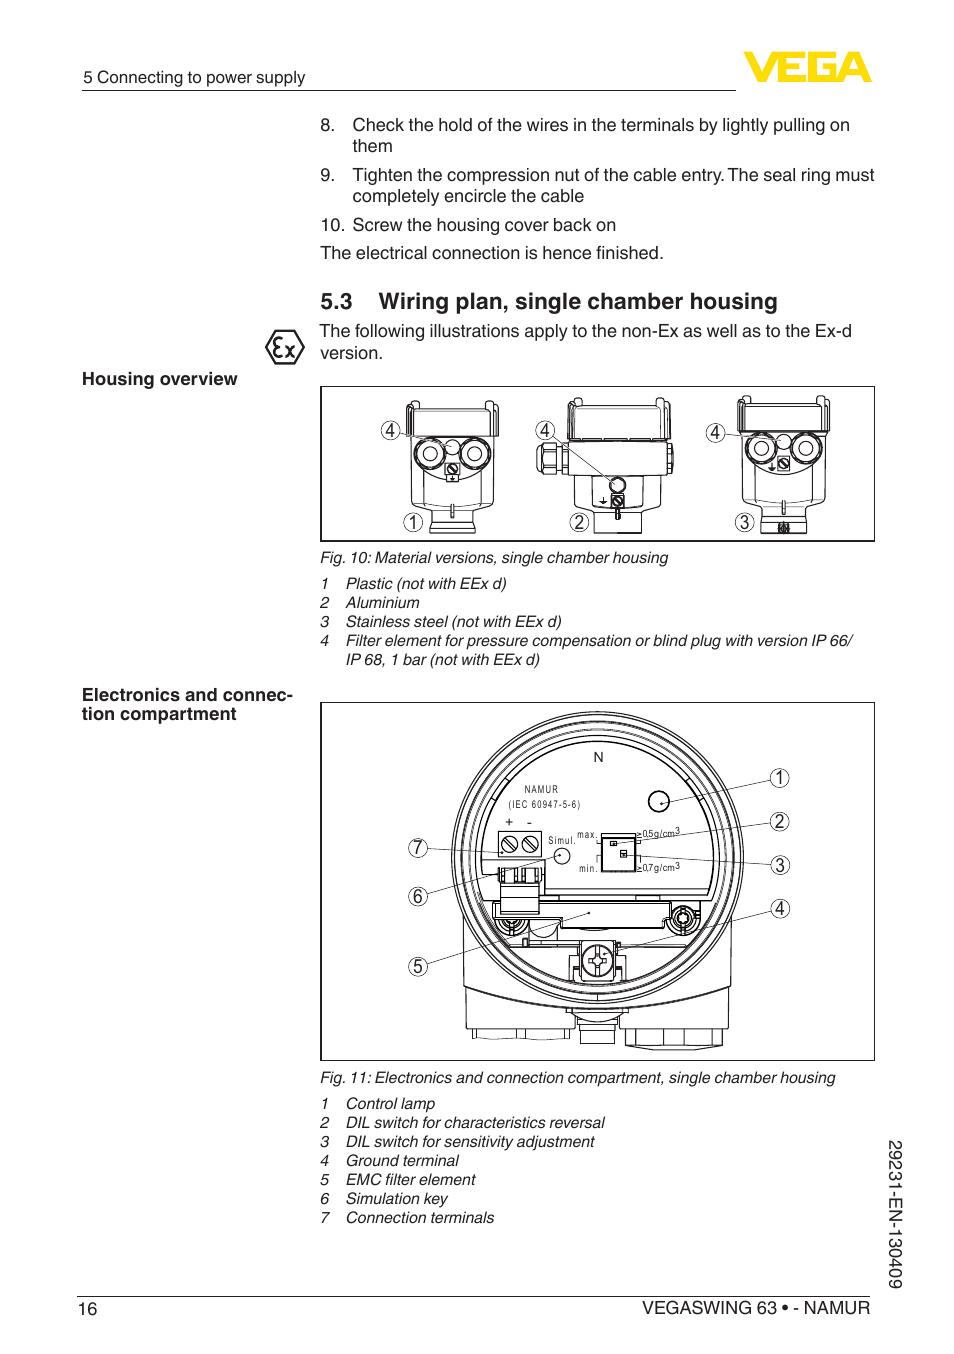 3 Wiring Plan Single Chamber Housing Vega Vegaswing 63 Namur Diagrams User Manual Page 16 40